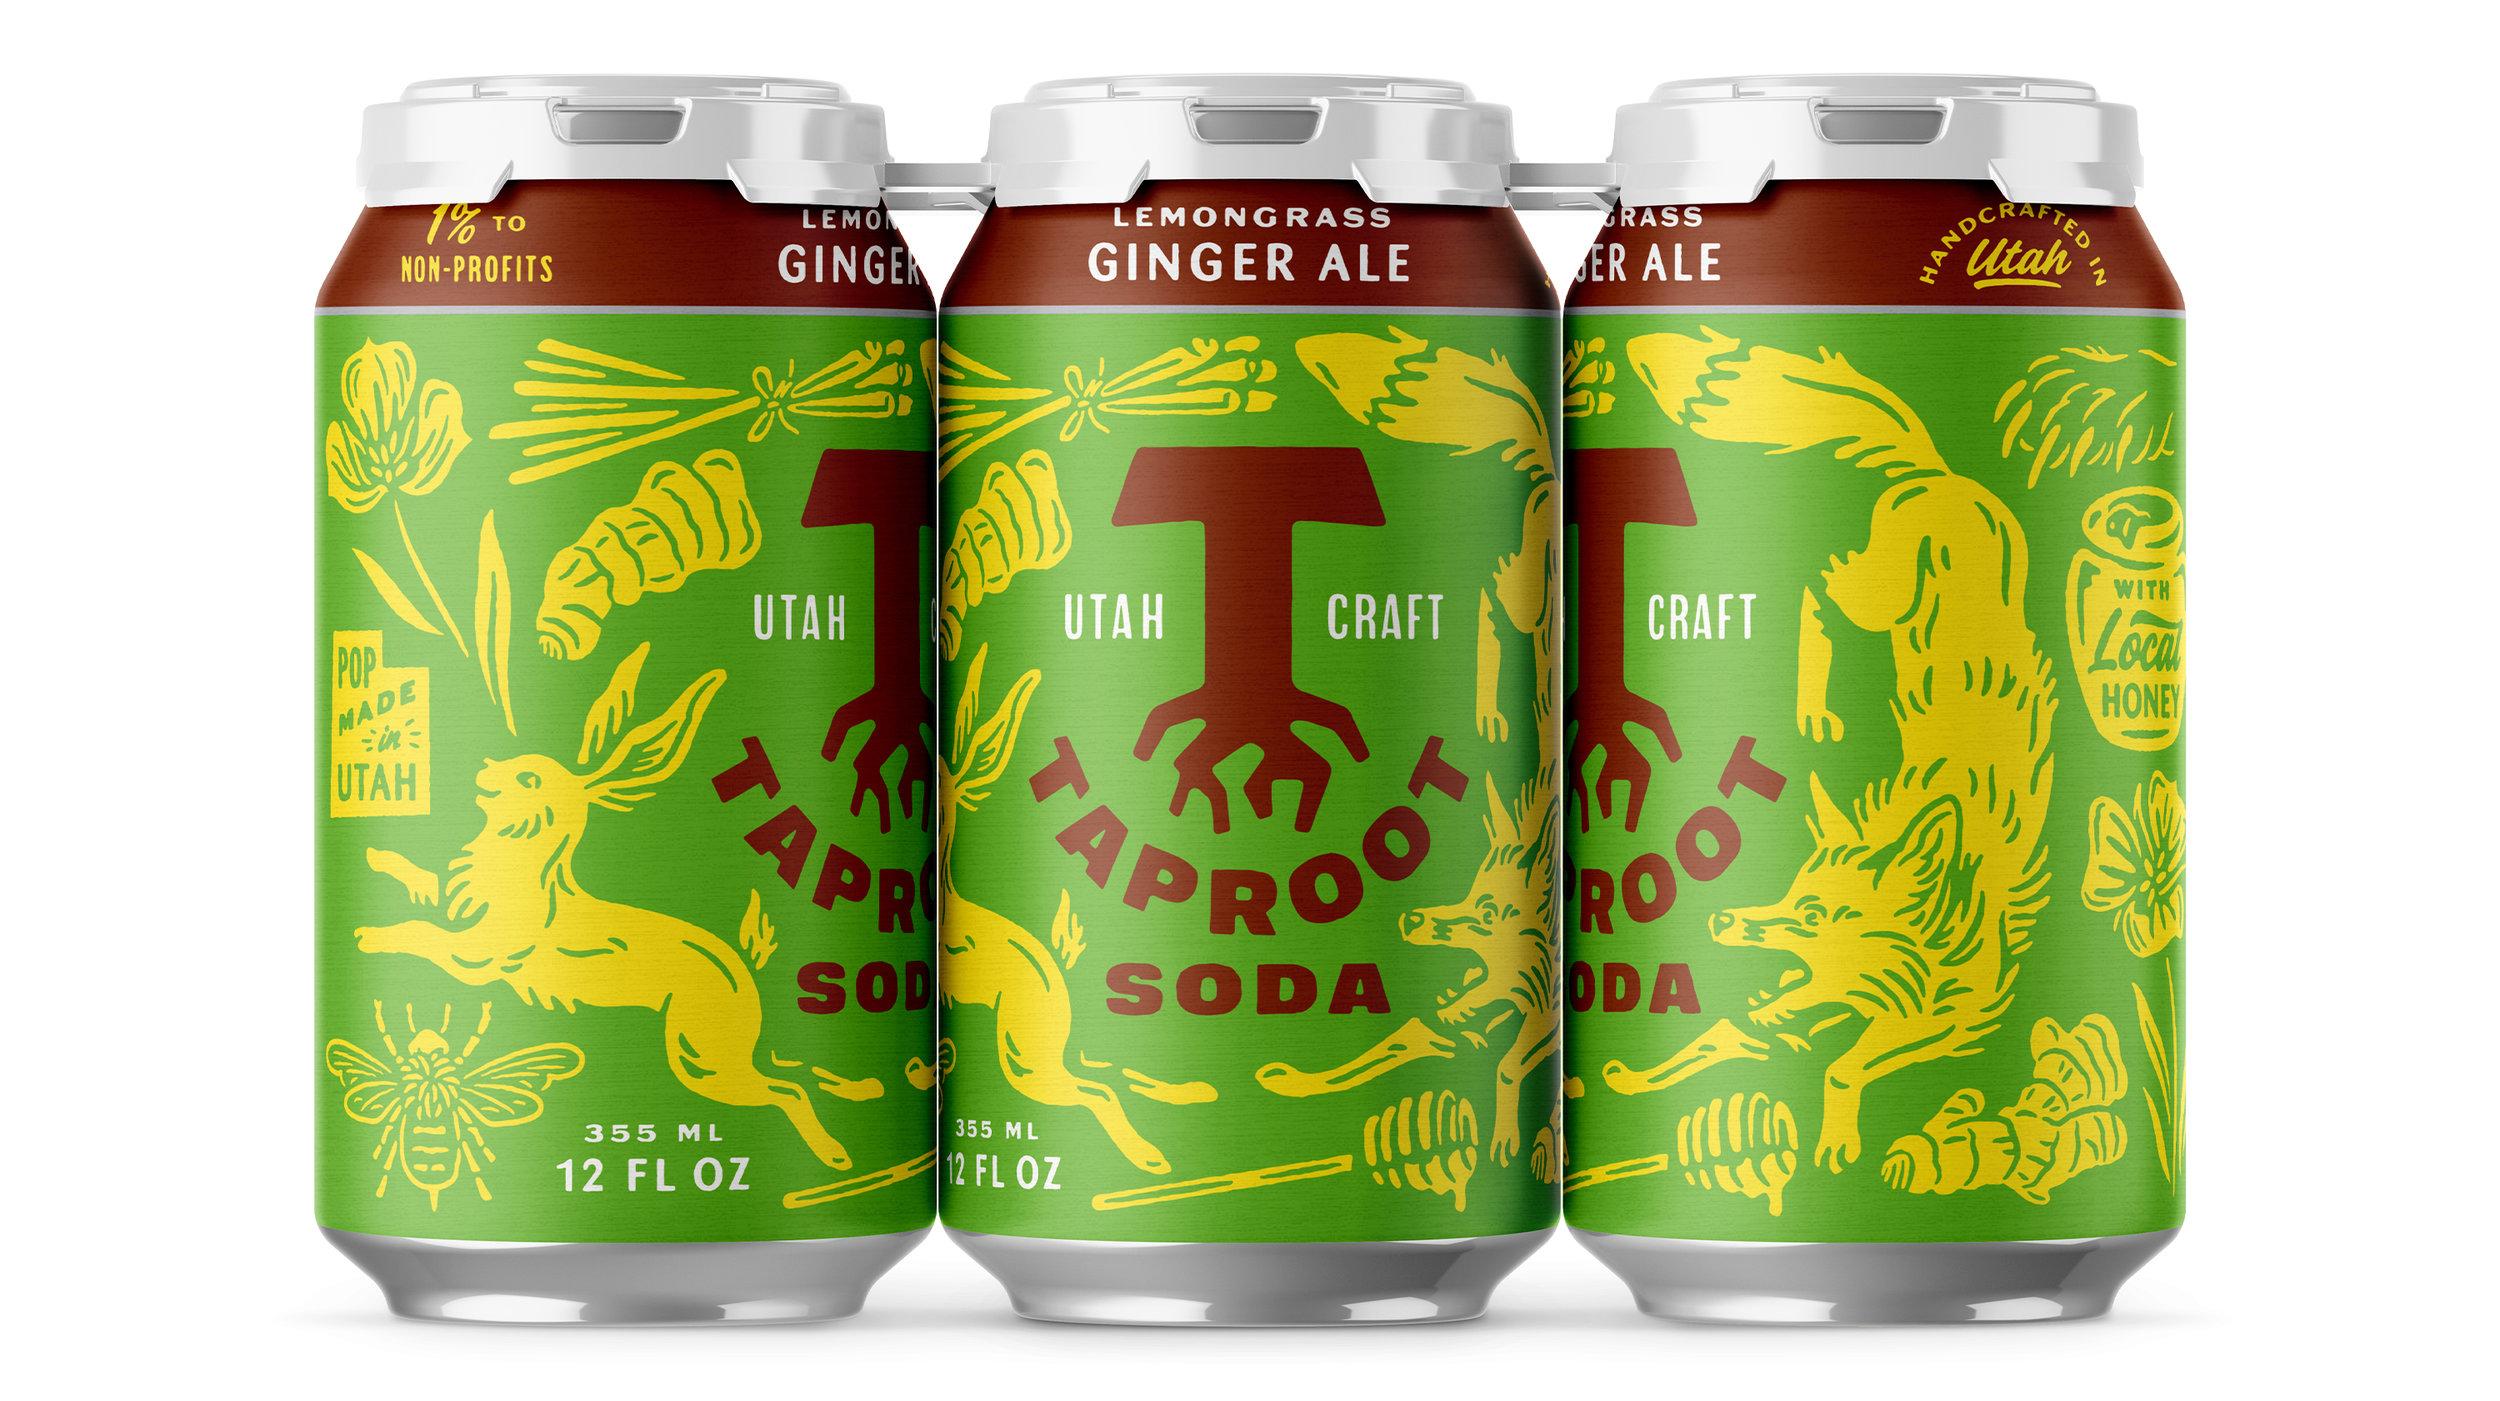 Taproot Soda Lemongrass Ginger Ale Soda Packaging